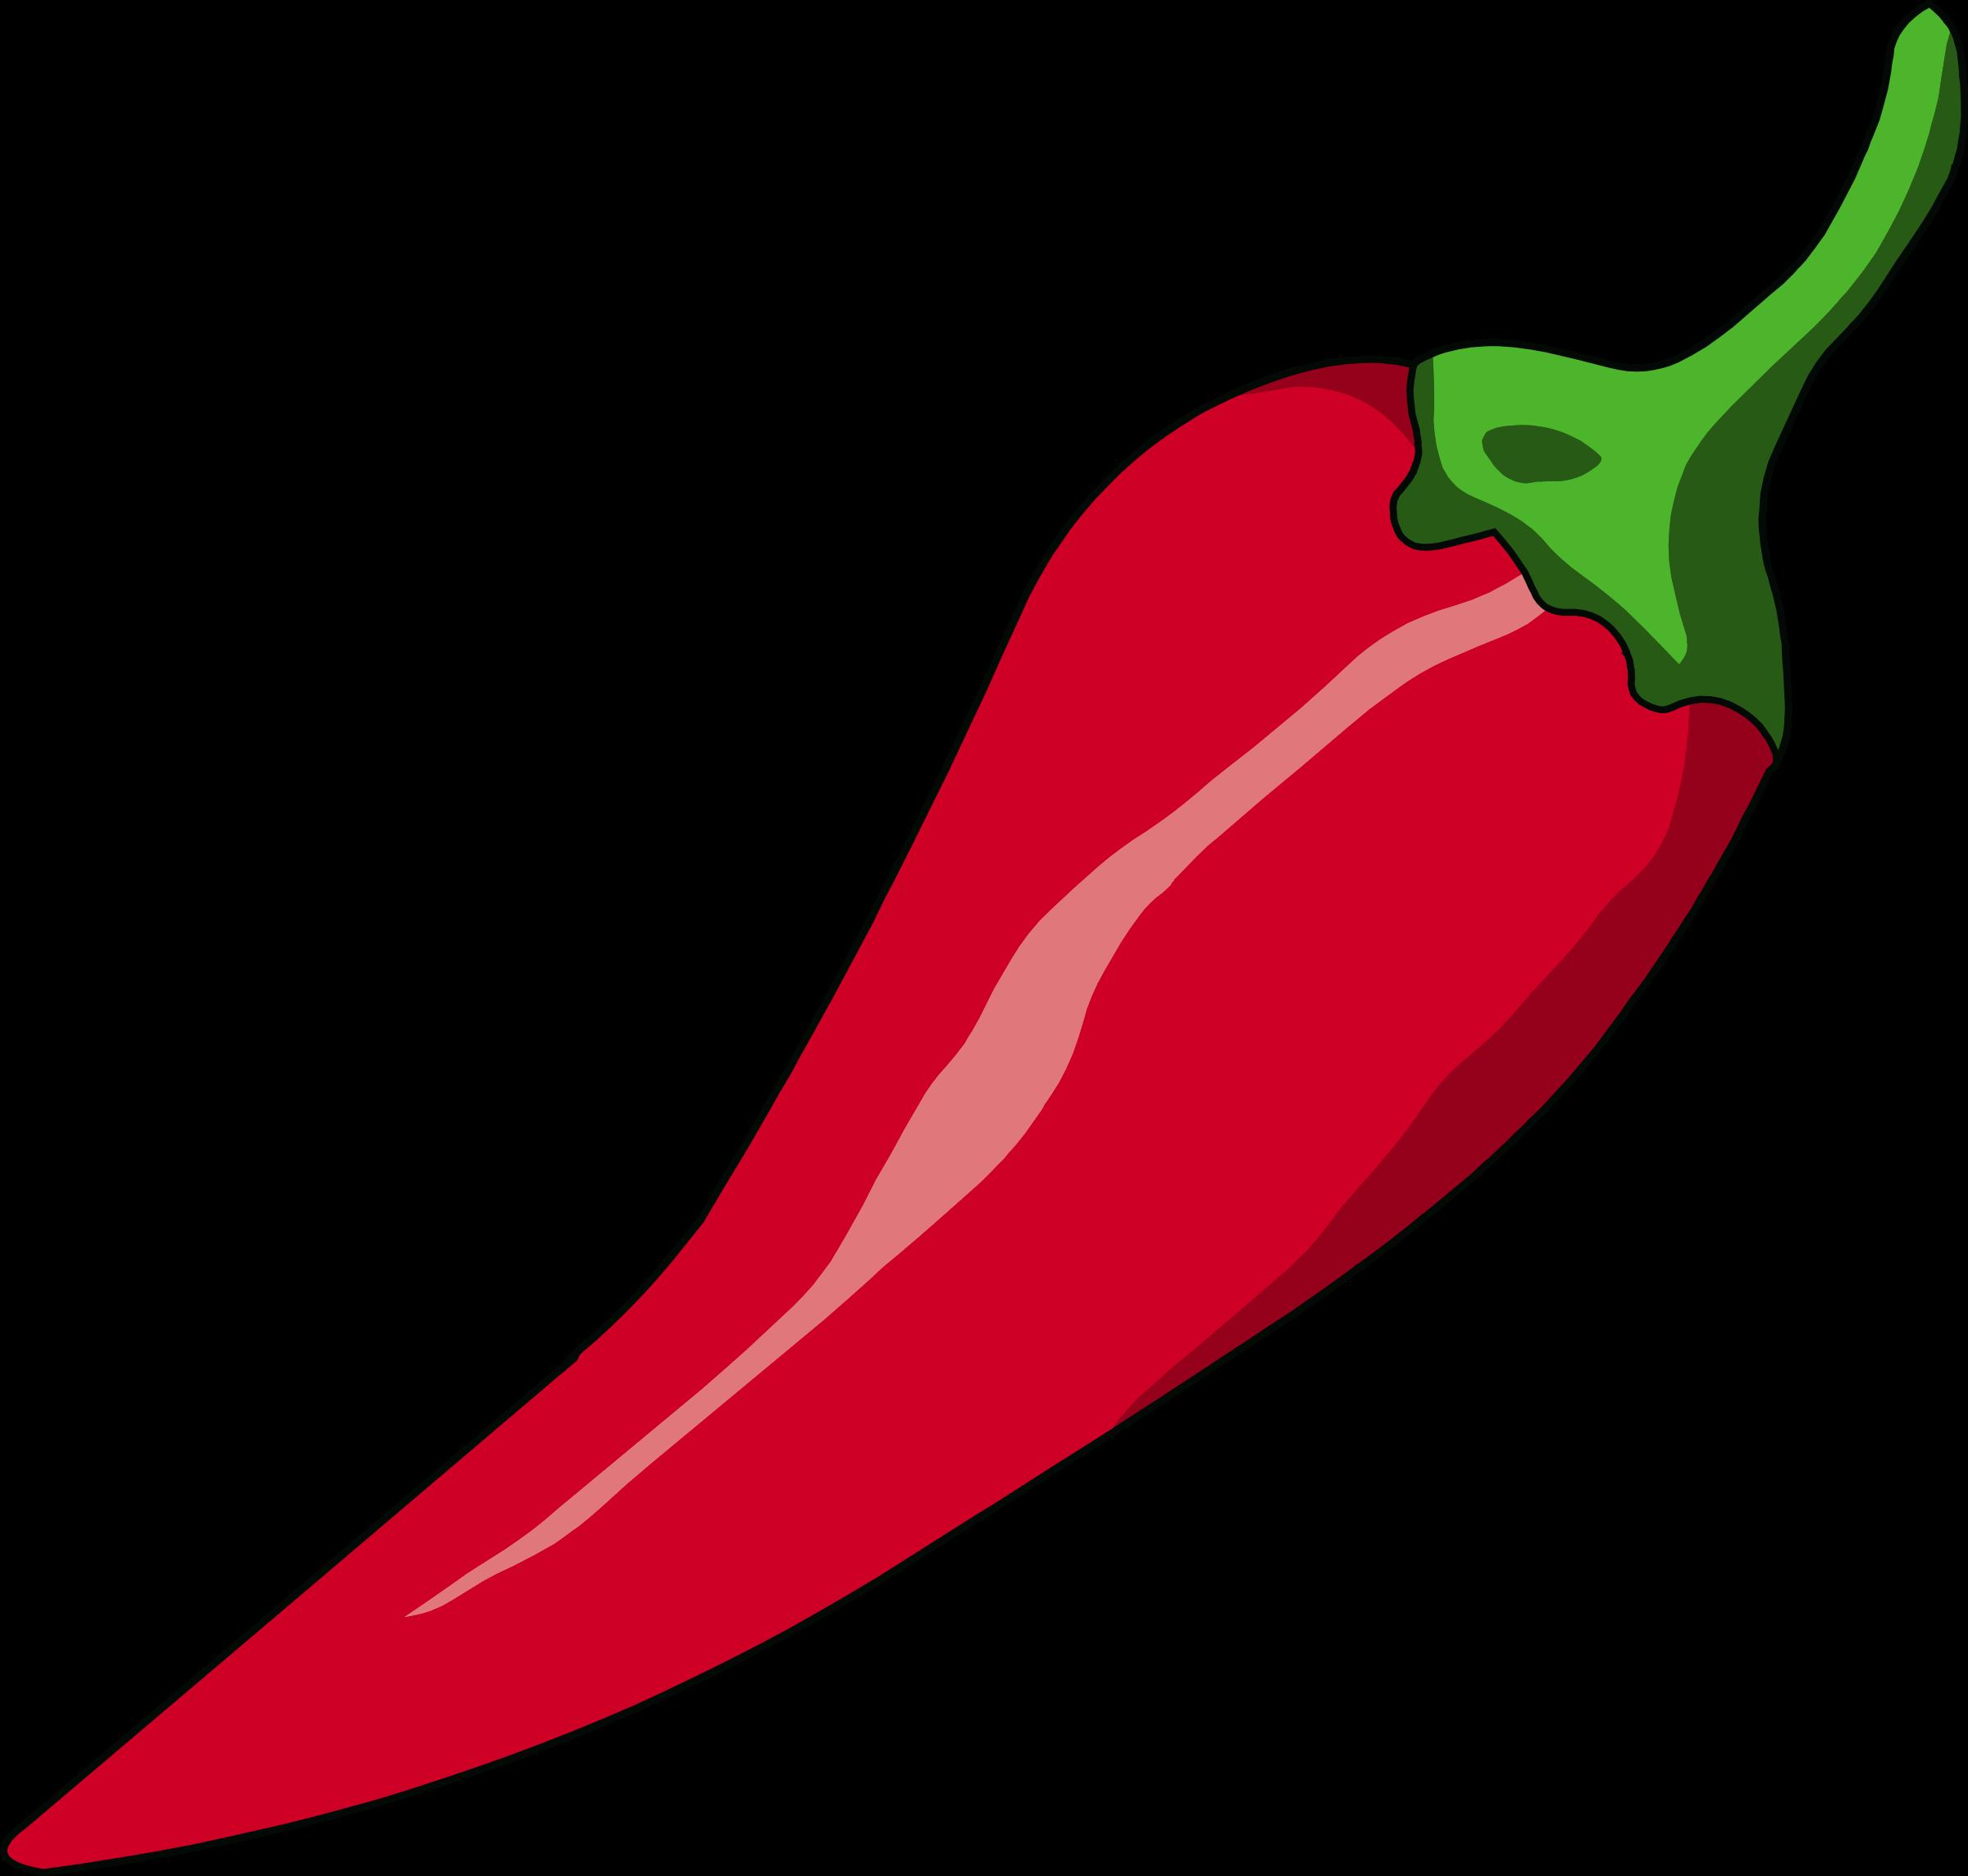 Pepper clipart chili pepper, Pepper chili pepper Transparent.